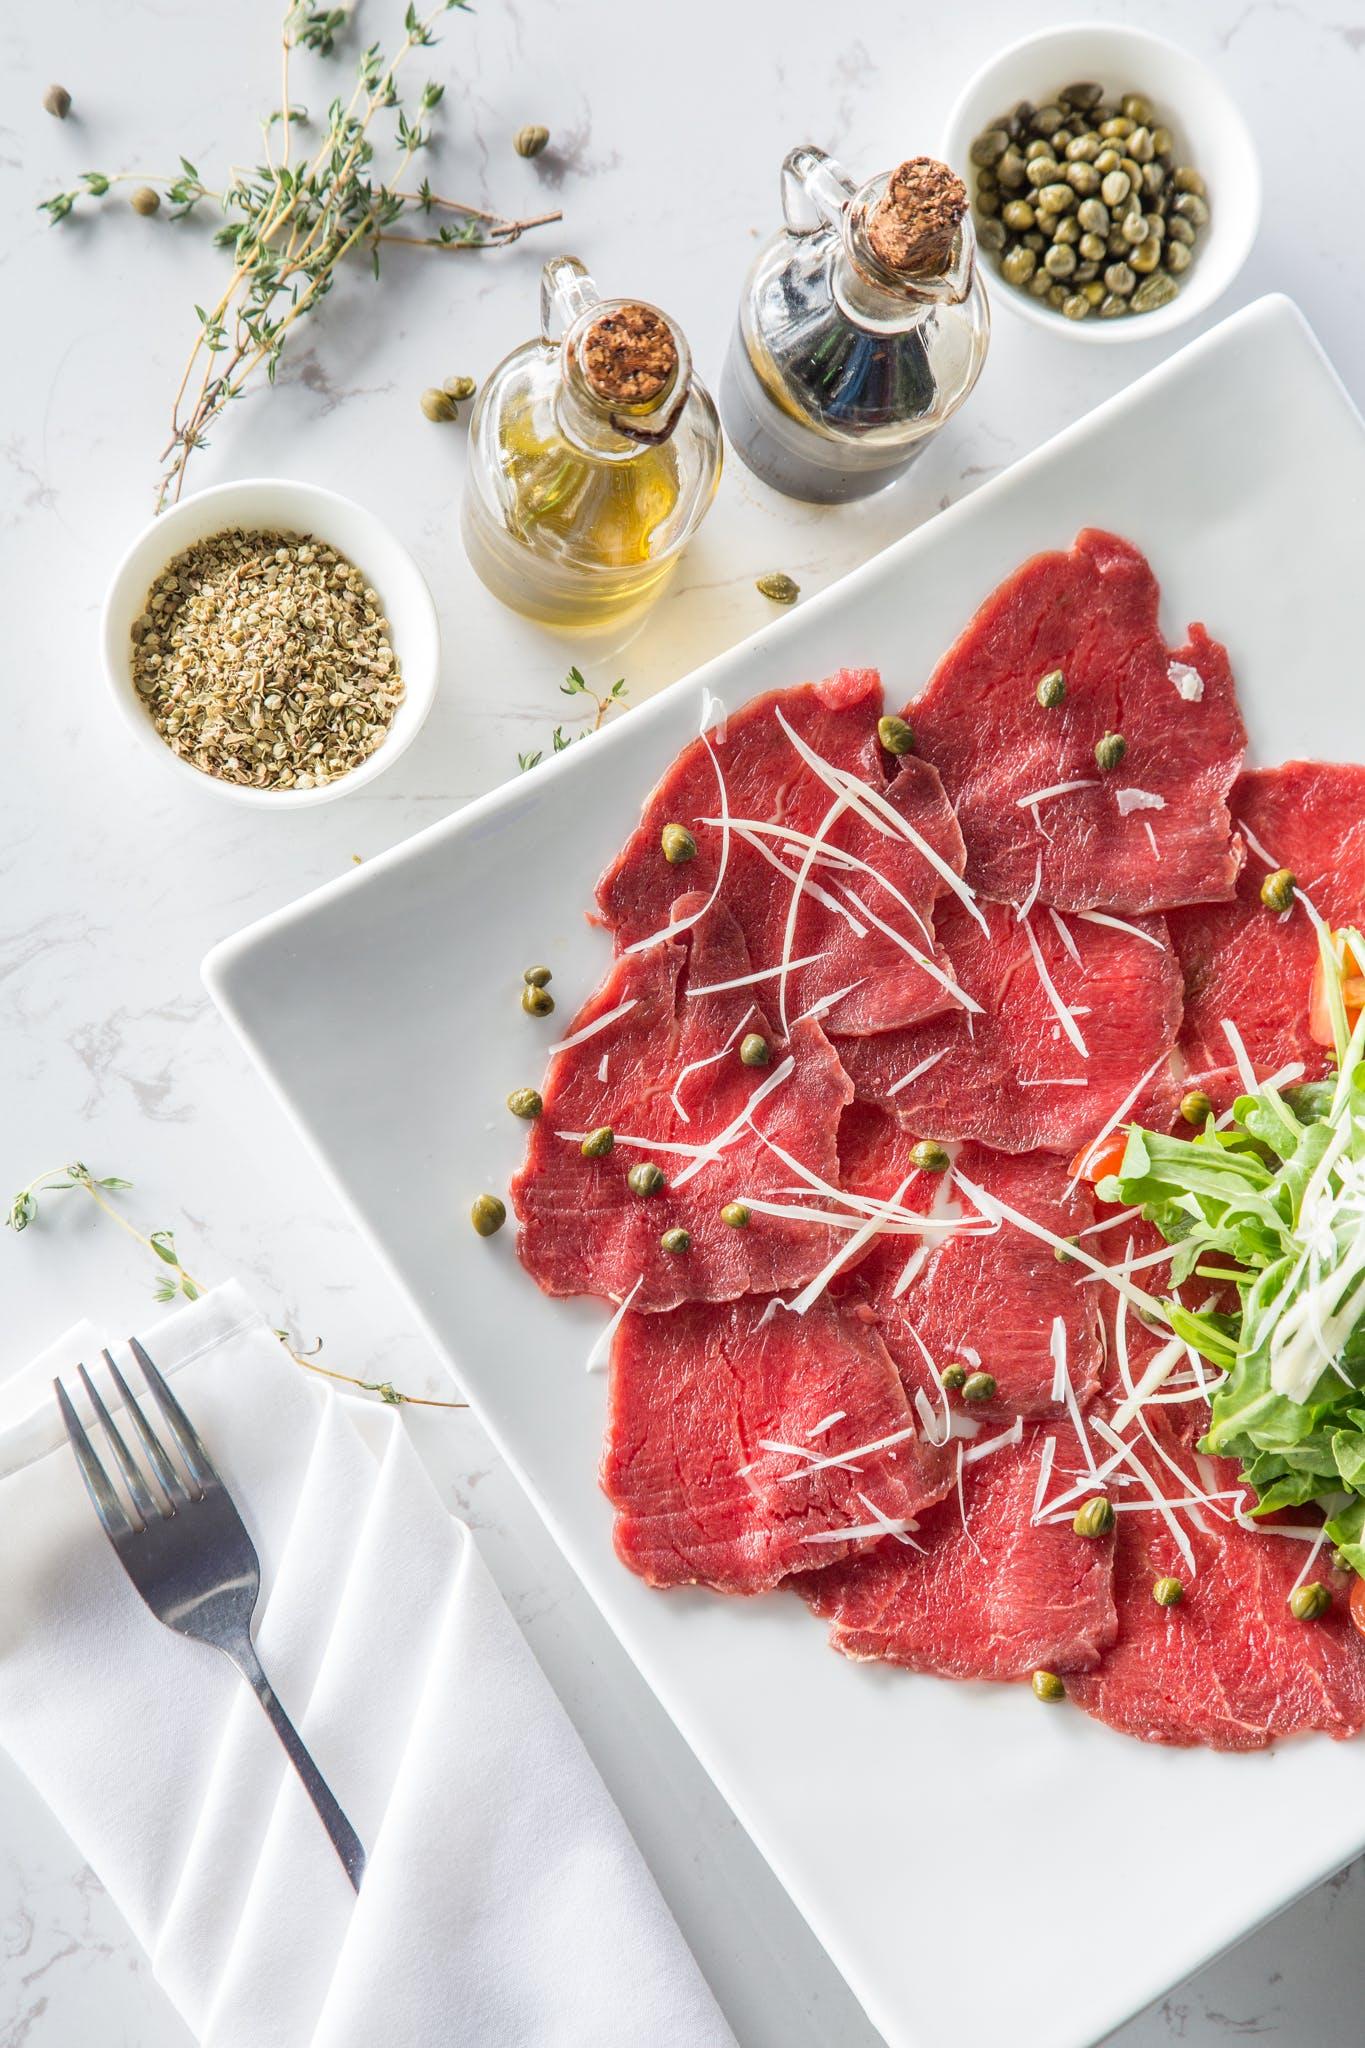 Kostenloses Stock Foto zu essen, essensfotografie, fleisch, mahlzeit